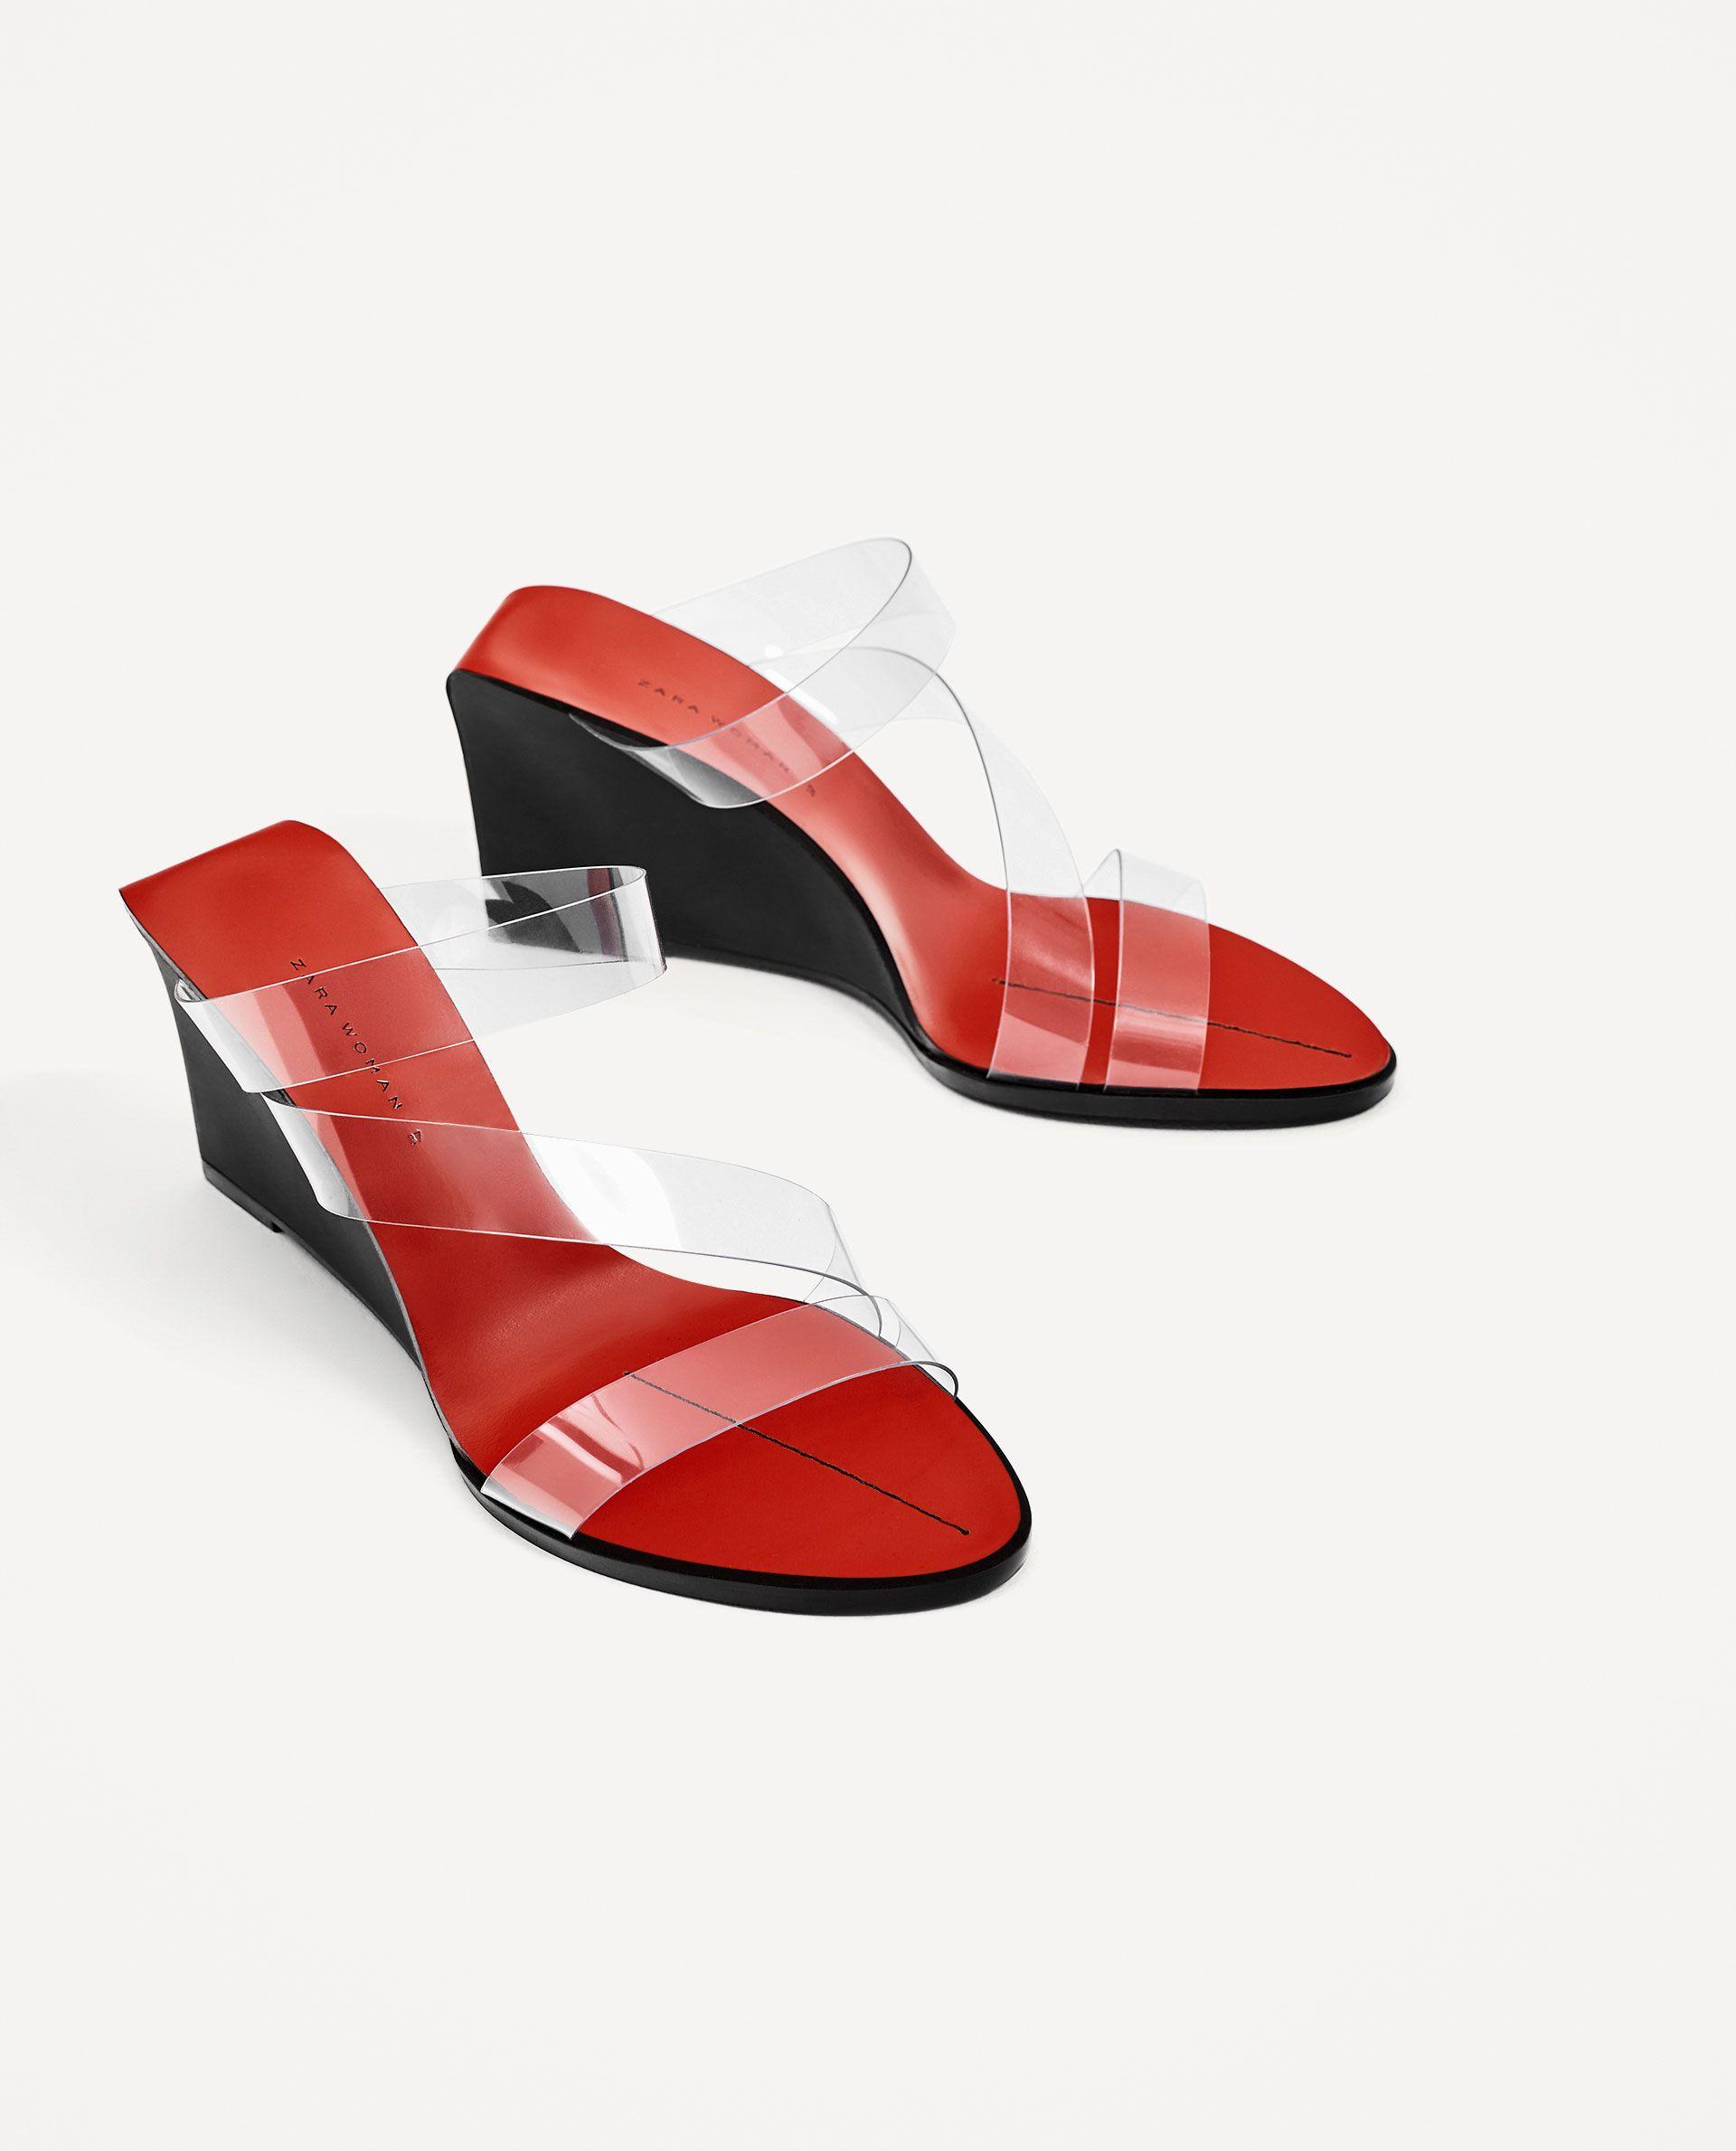 726466bc7e762a Також цього літа потрібно мати взуття з прозорим ефектом та металевого  коліру. Це справжній хіт-2017. І ще, любі модниці, не забувайте, що все це  можна і ...